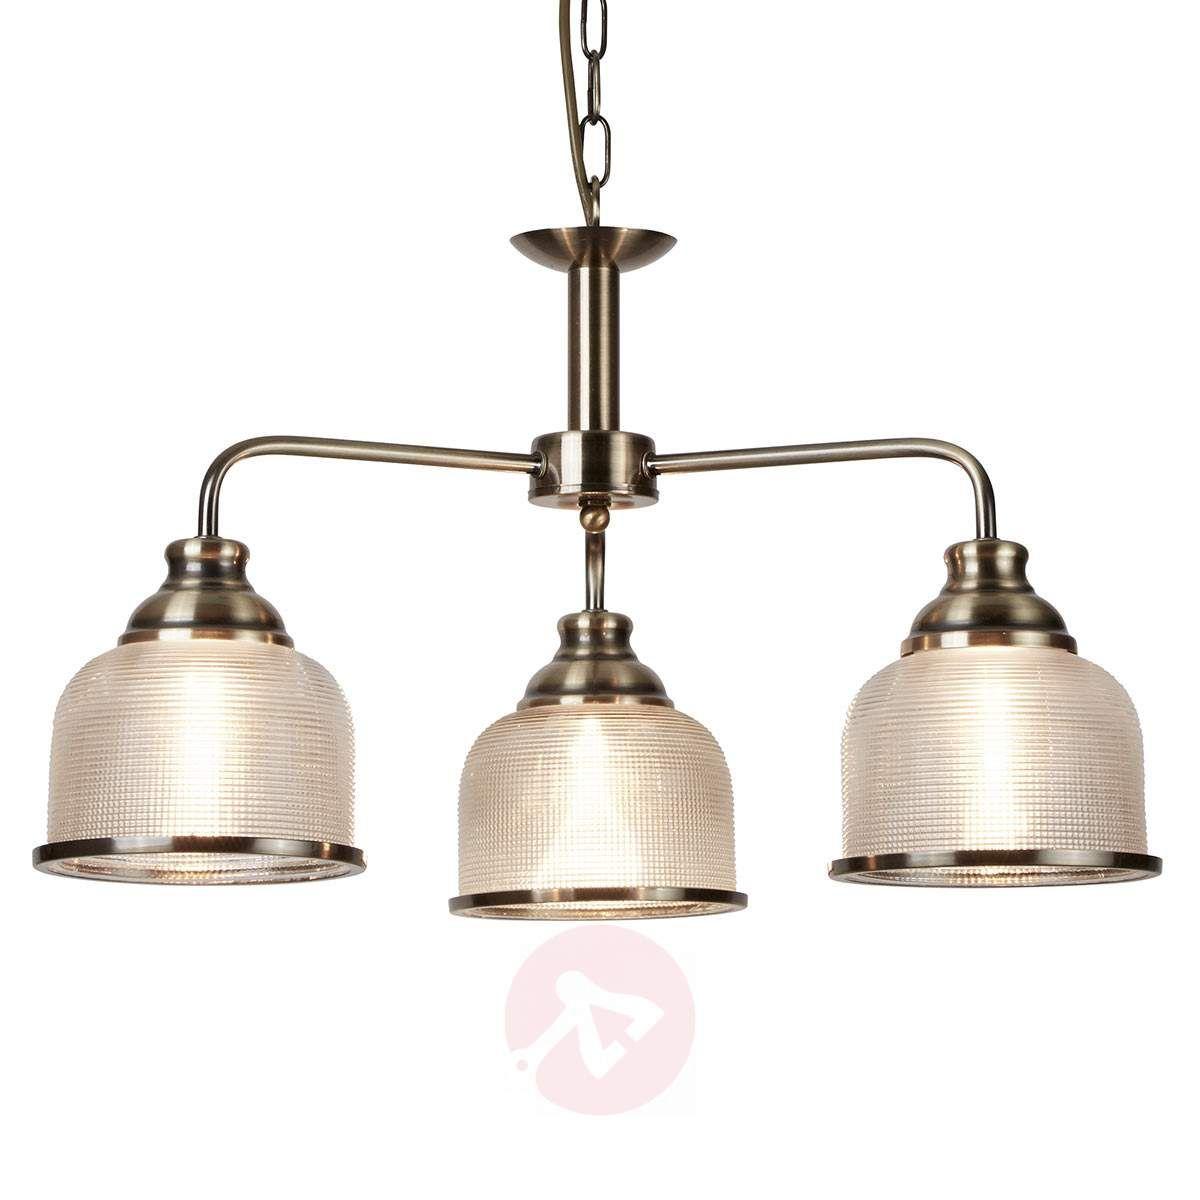 Klasyczna Antyczna Lampa Wisząca Bistro Ii Lampy Wiszące W